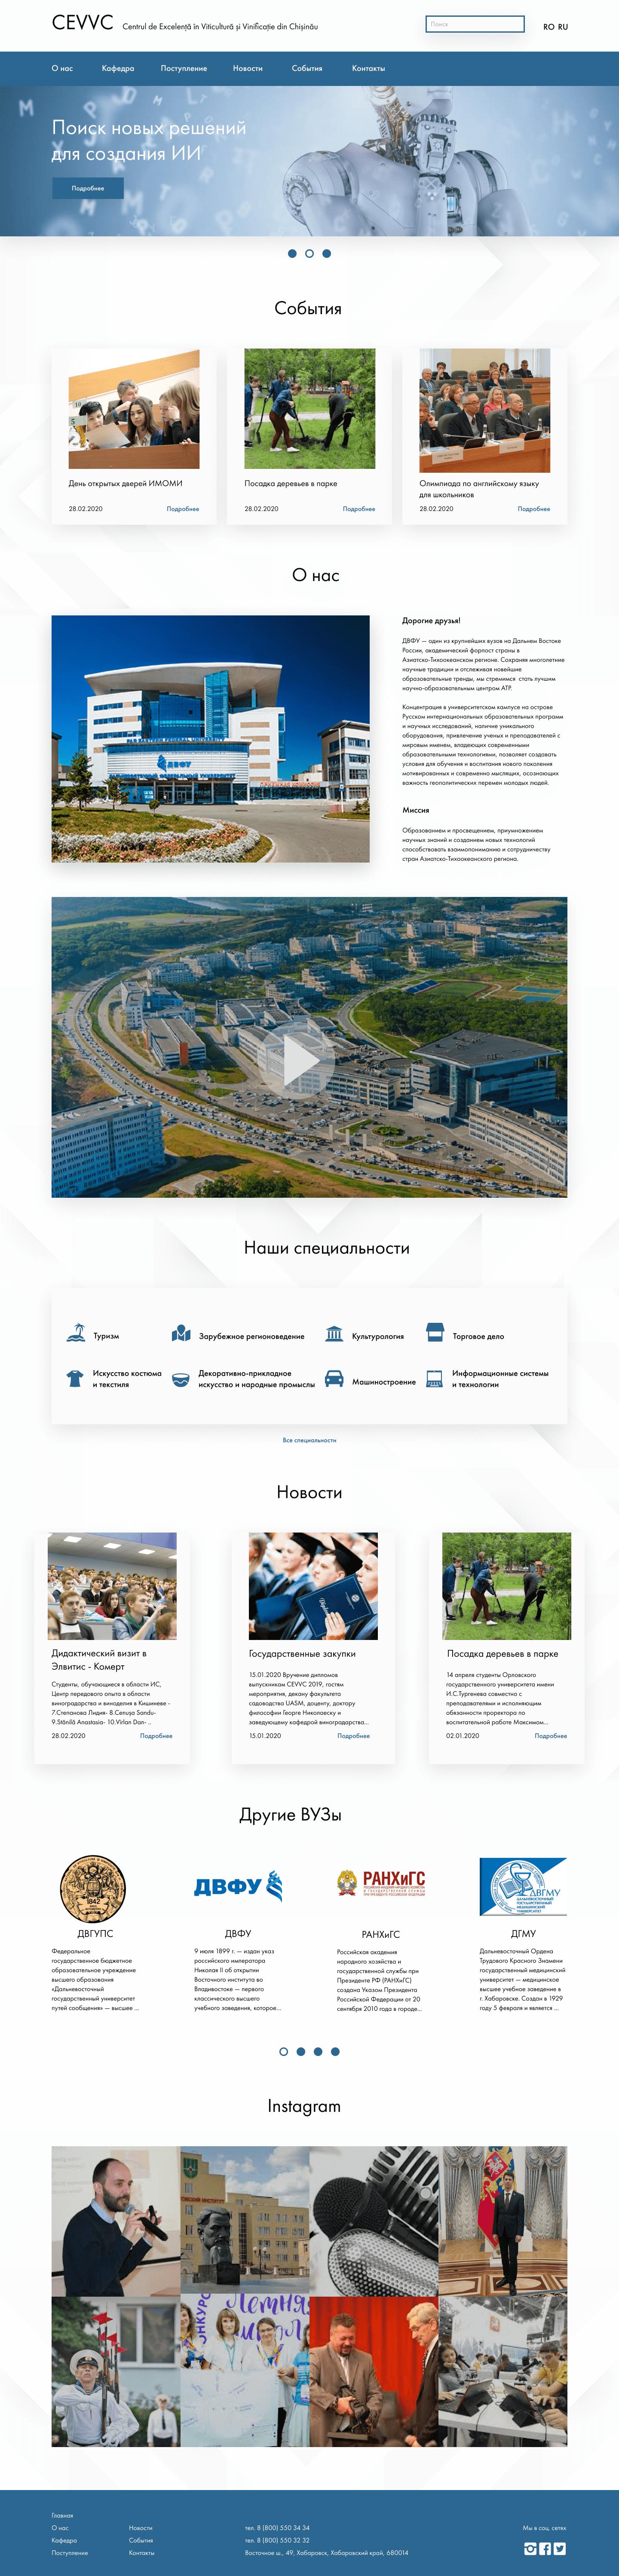 Разработка дизайна сайта колледжа фото f_5025e5ca1d63a36c.png